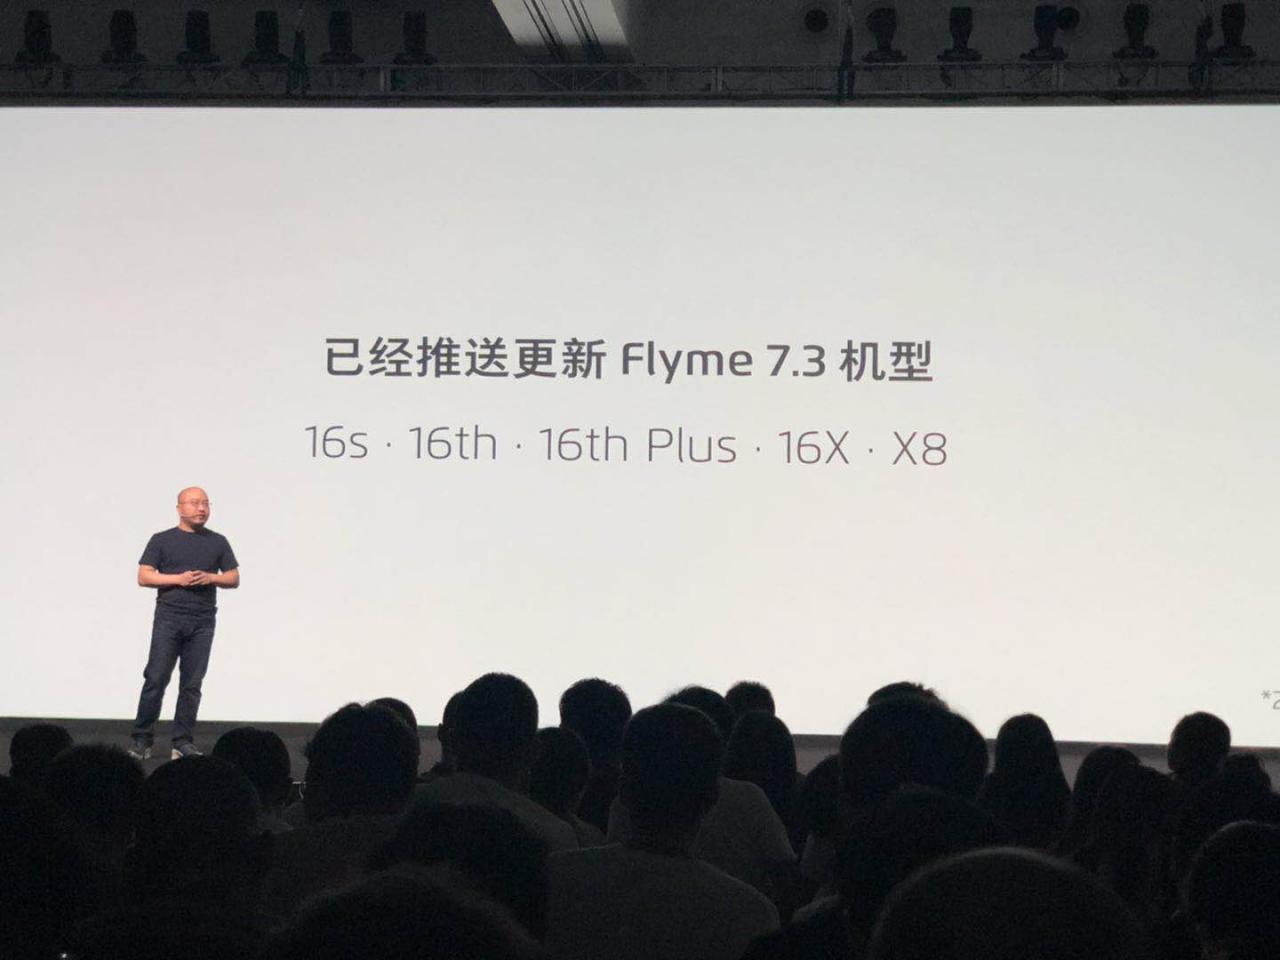 魅族16Xs发布,售价1698元起 搭载Flyme 7.3 热点资讯 第2张